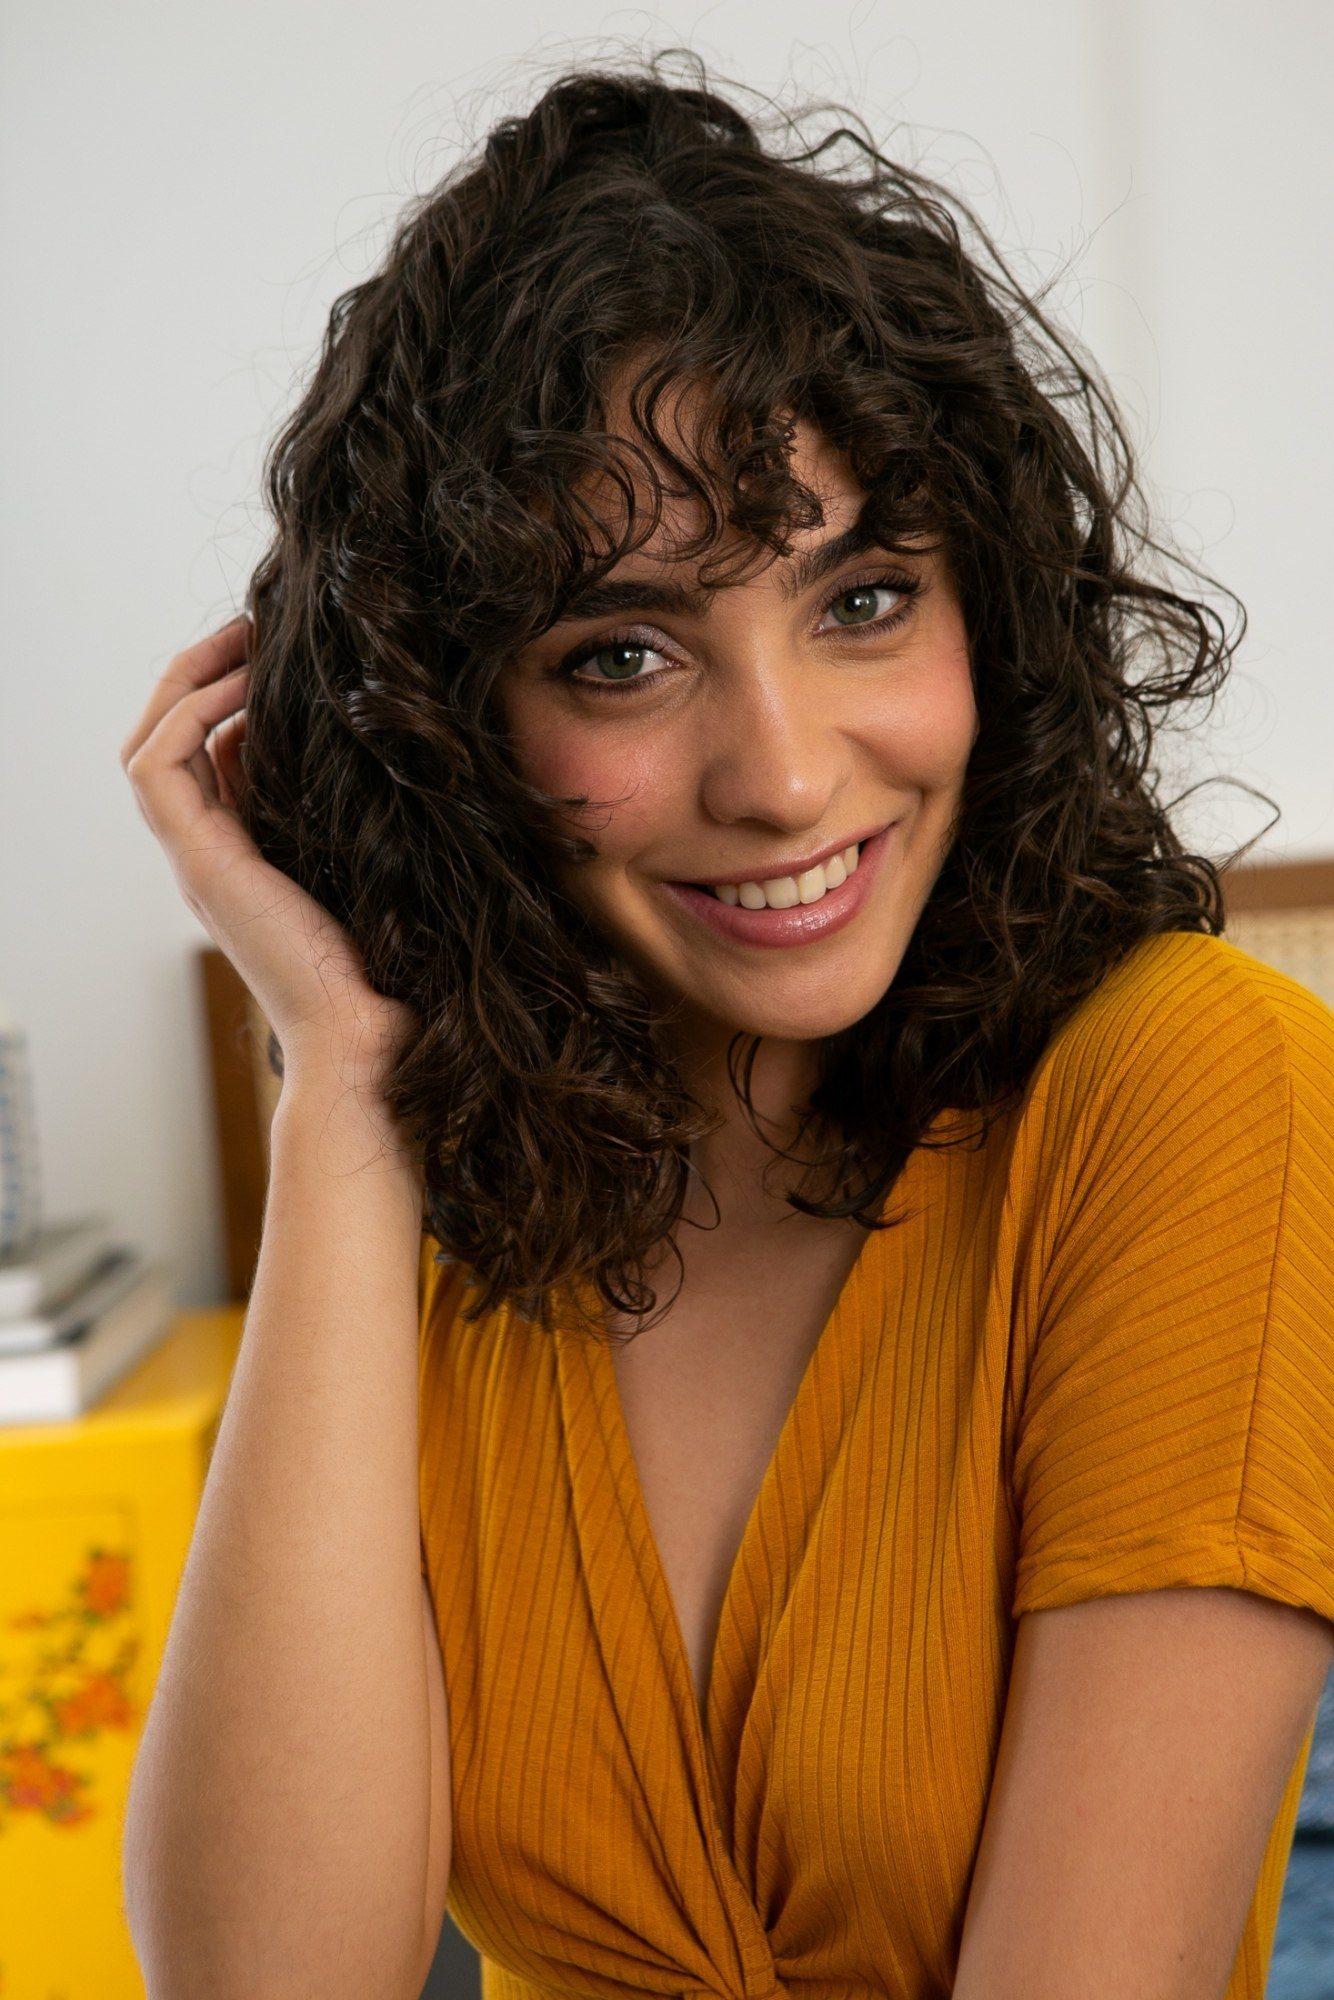 Modelo com cabelos cacheados para matéria de estilizar os cabelo sem calor